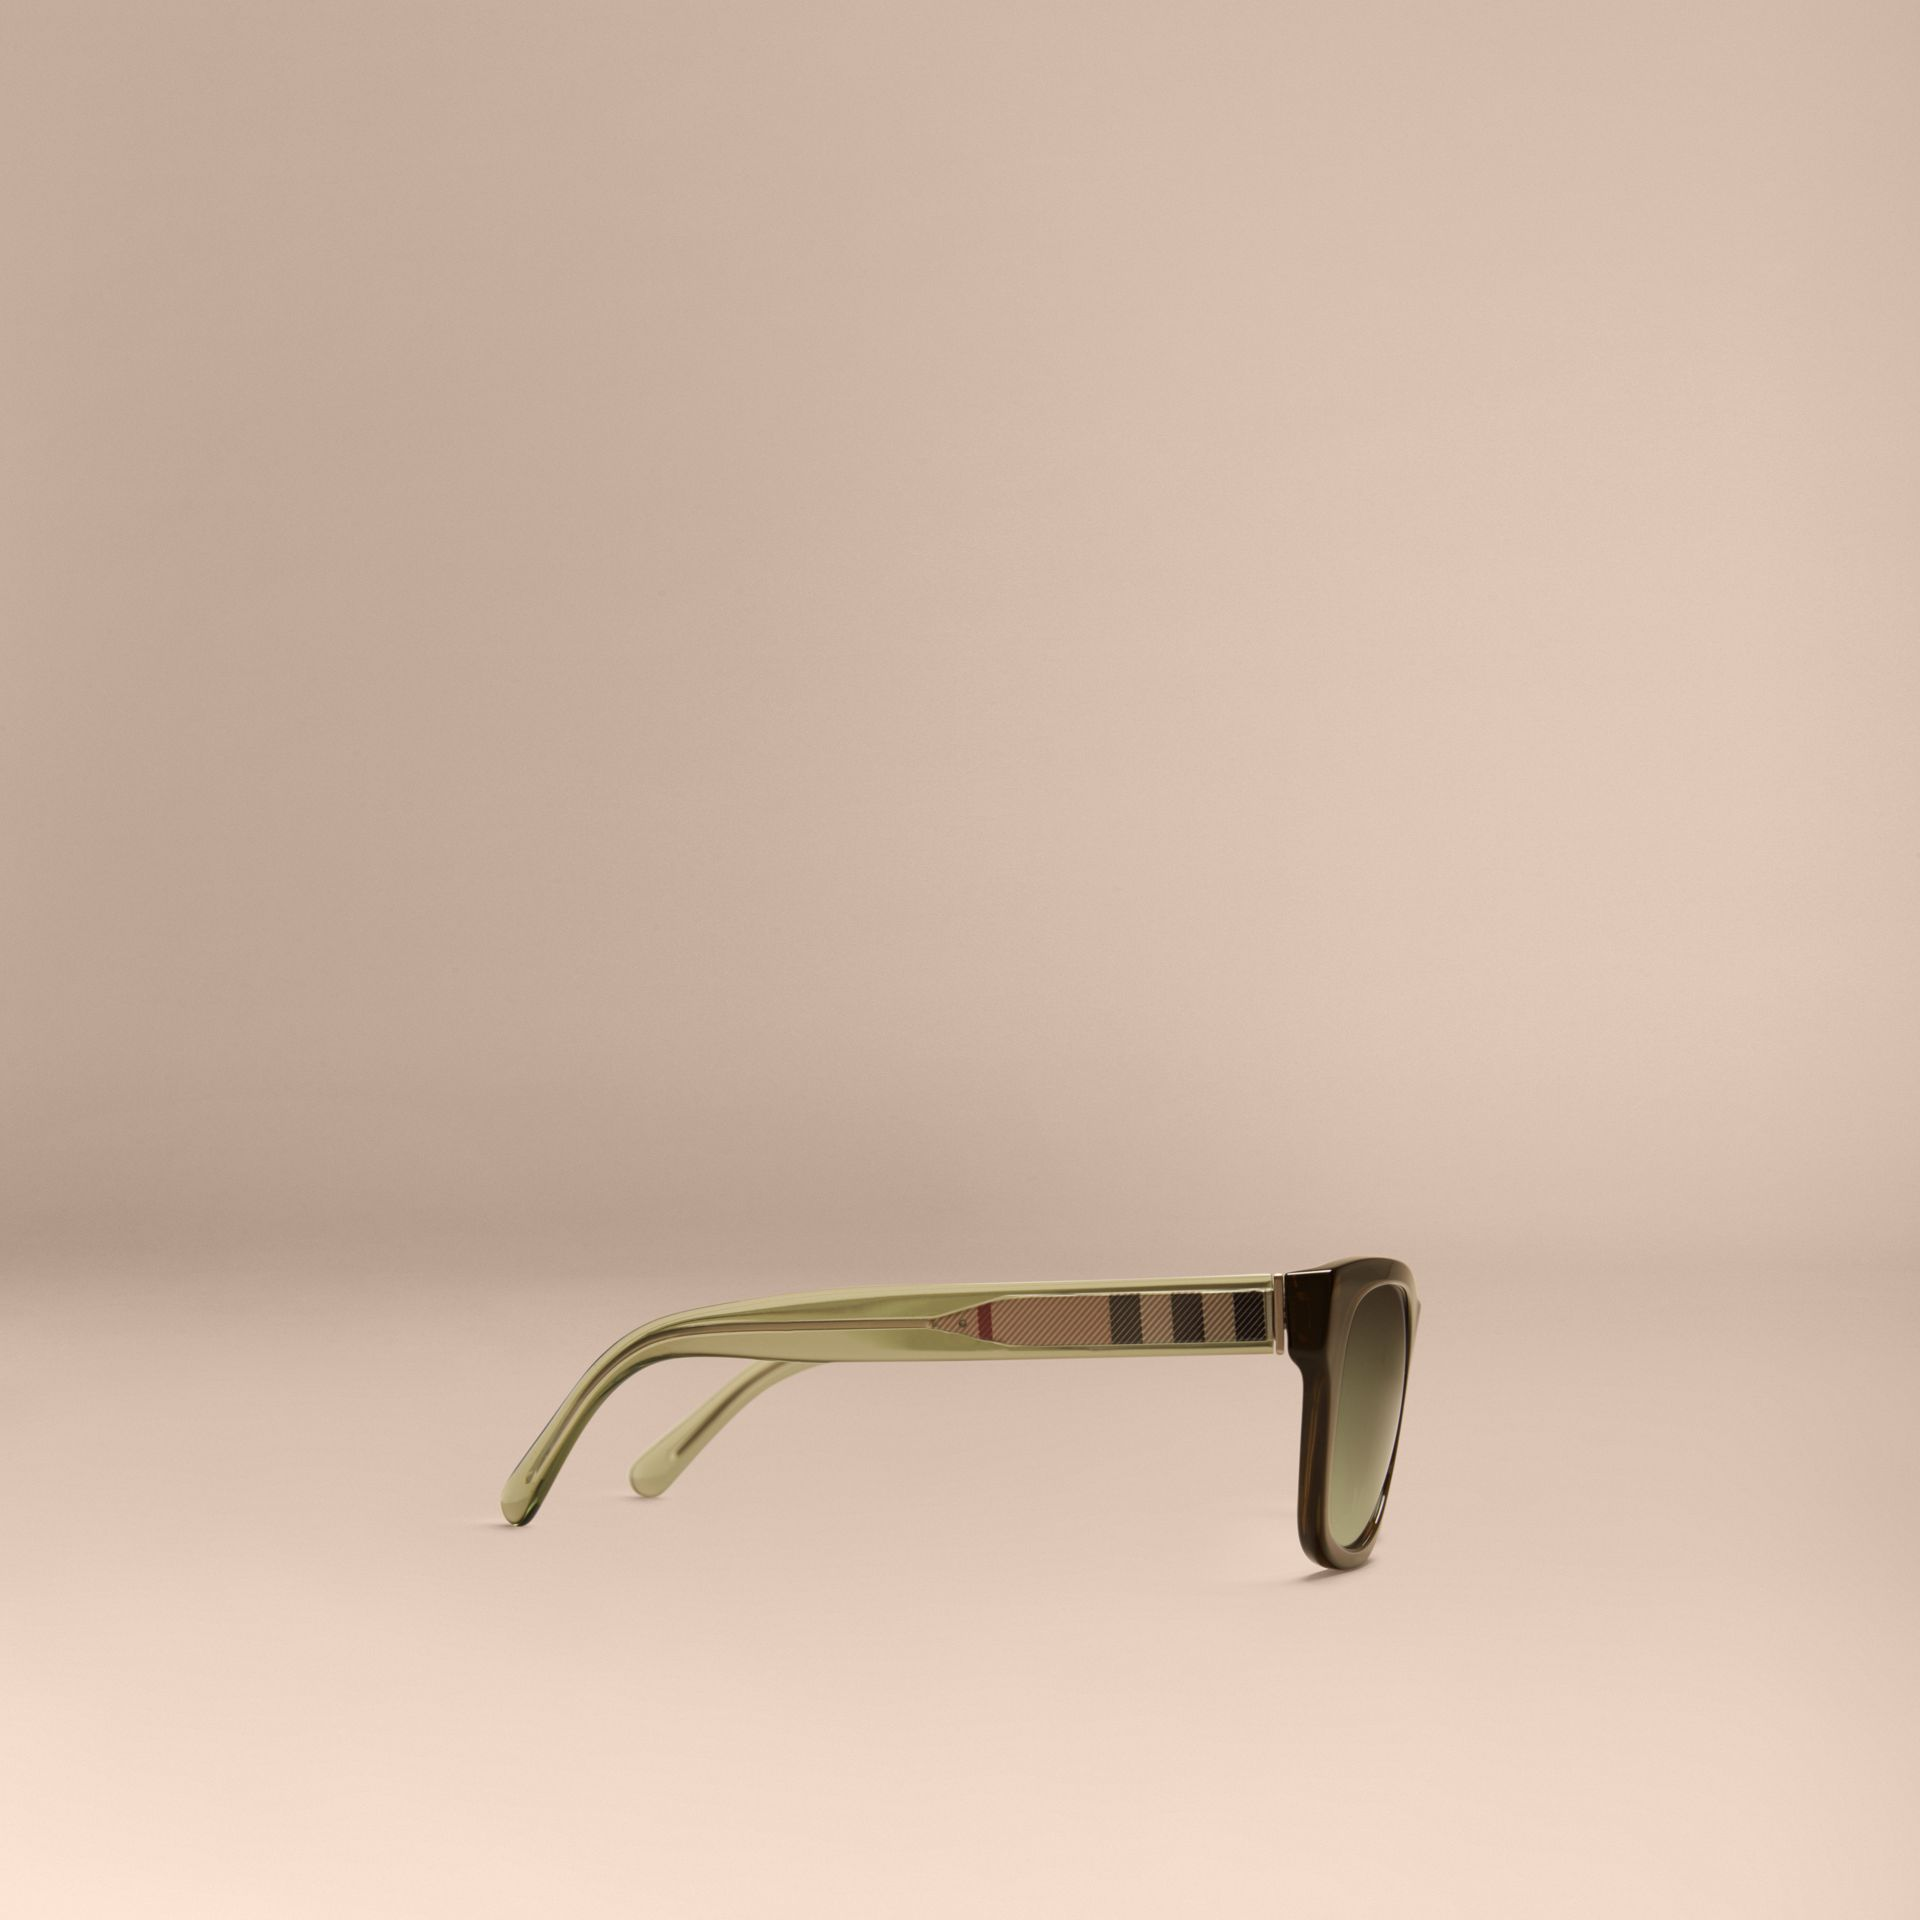 Оливковый Квадратные солнцезащитные очки с тиснением в клетку - изображение 5